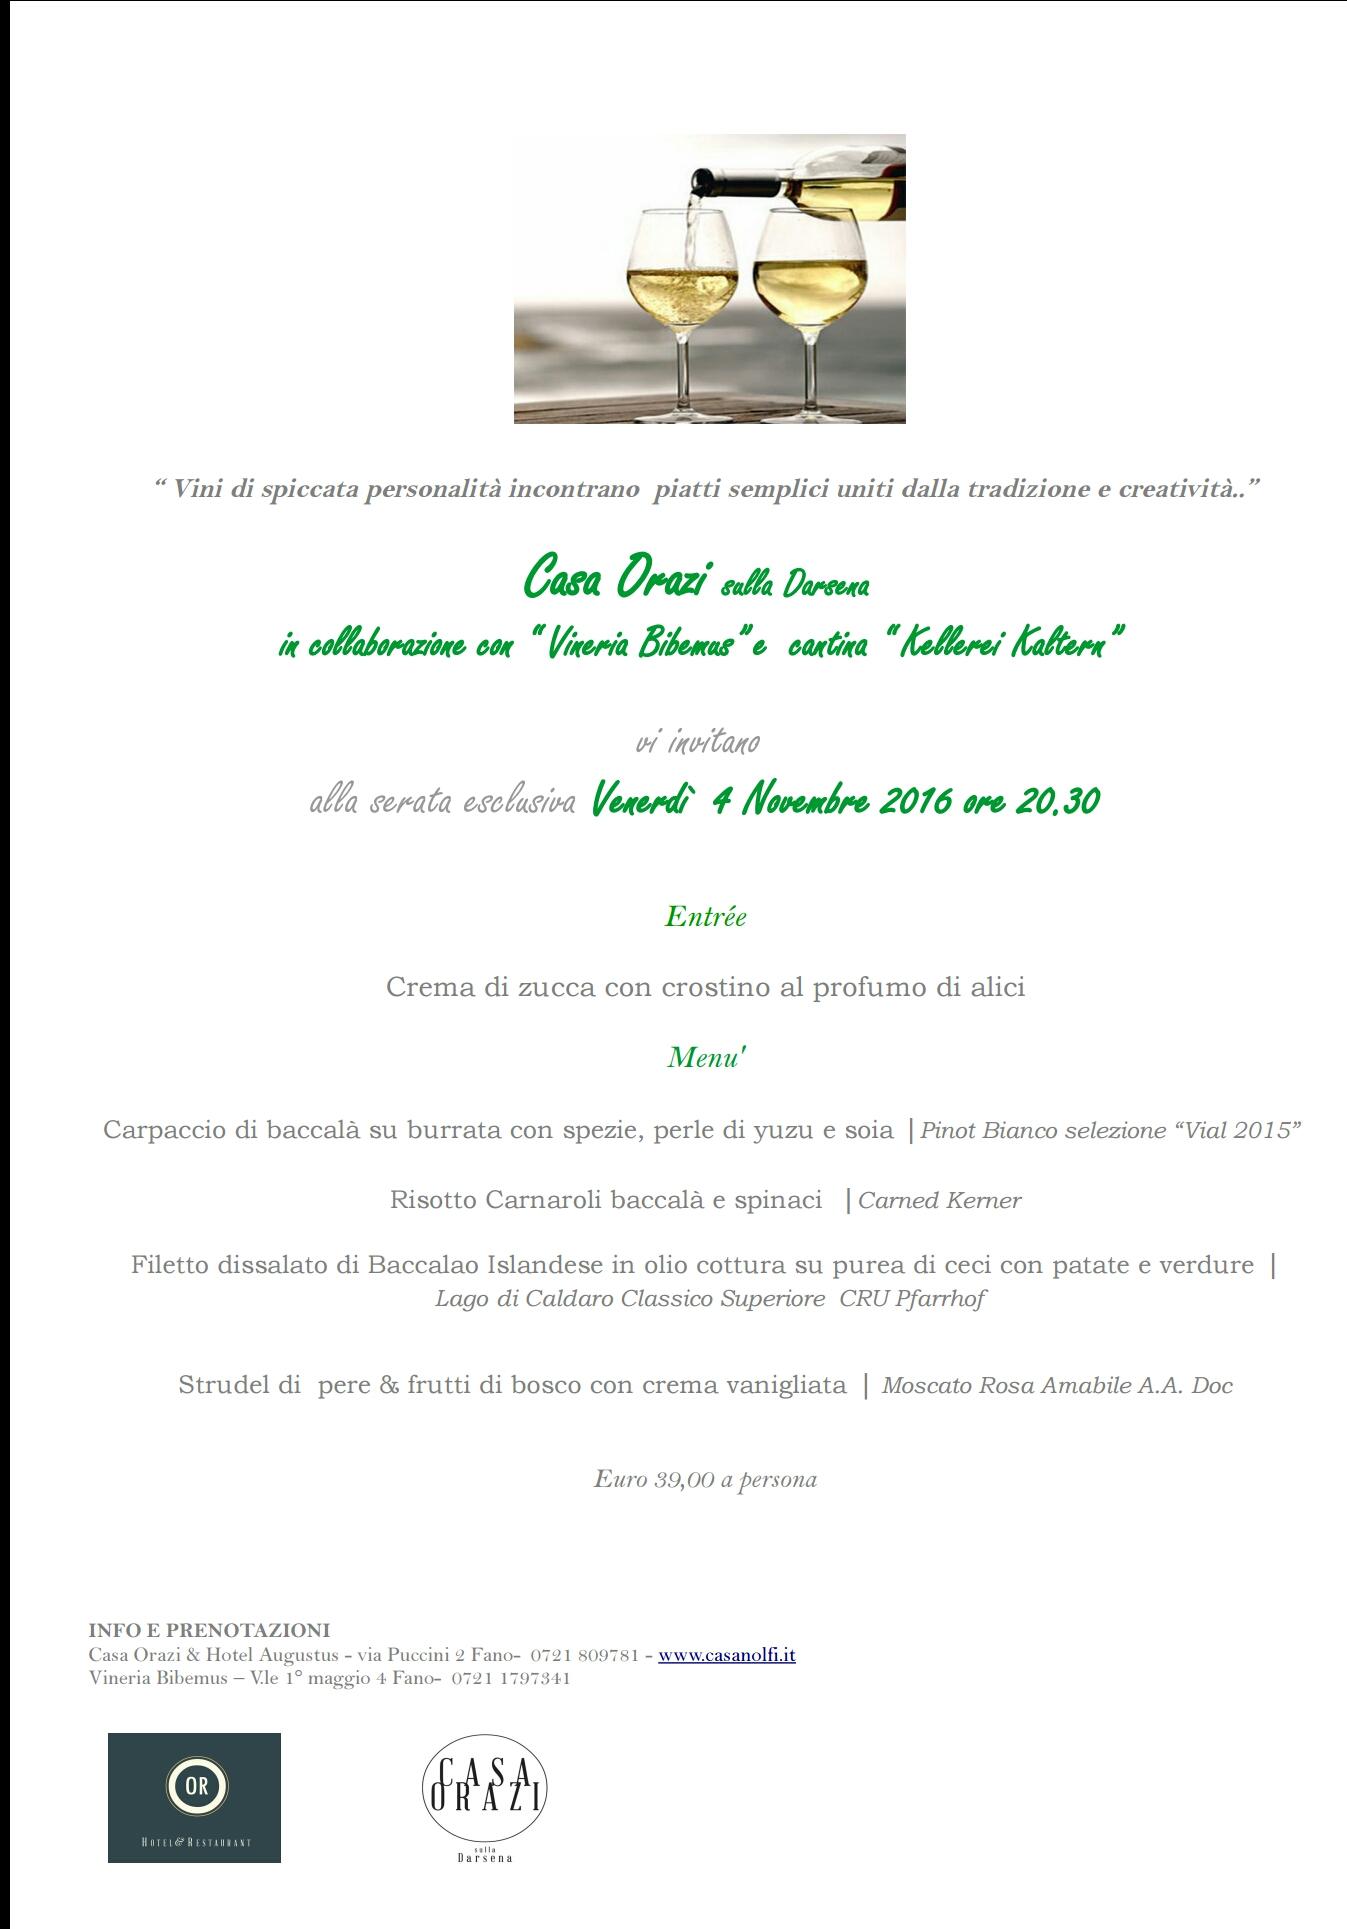 Casa Orazi sulla Darsena e Vineria Bibemus a Fano